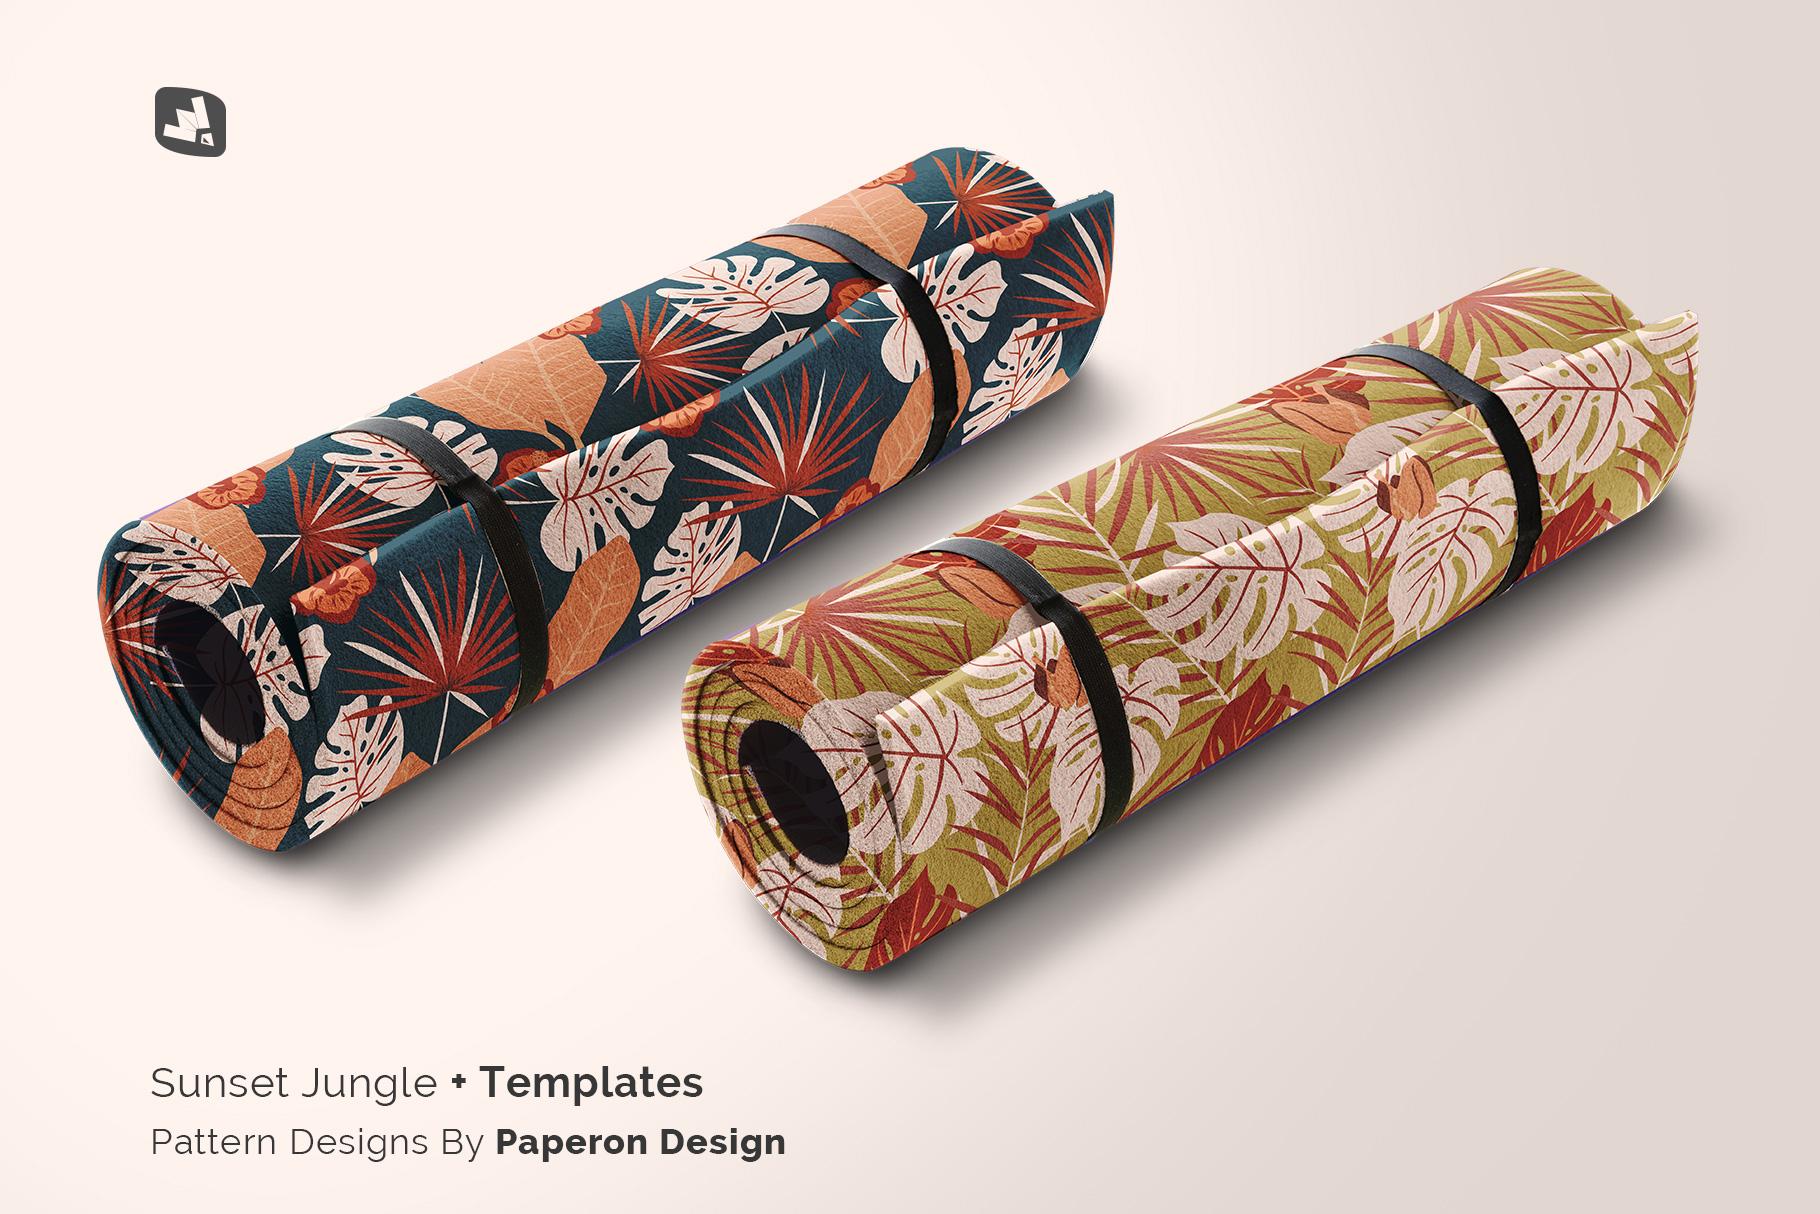 designer's credit of the rolled up yoga mat set mockup